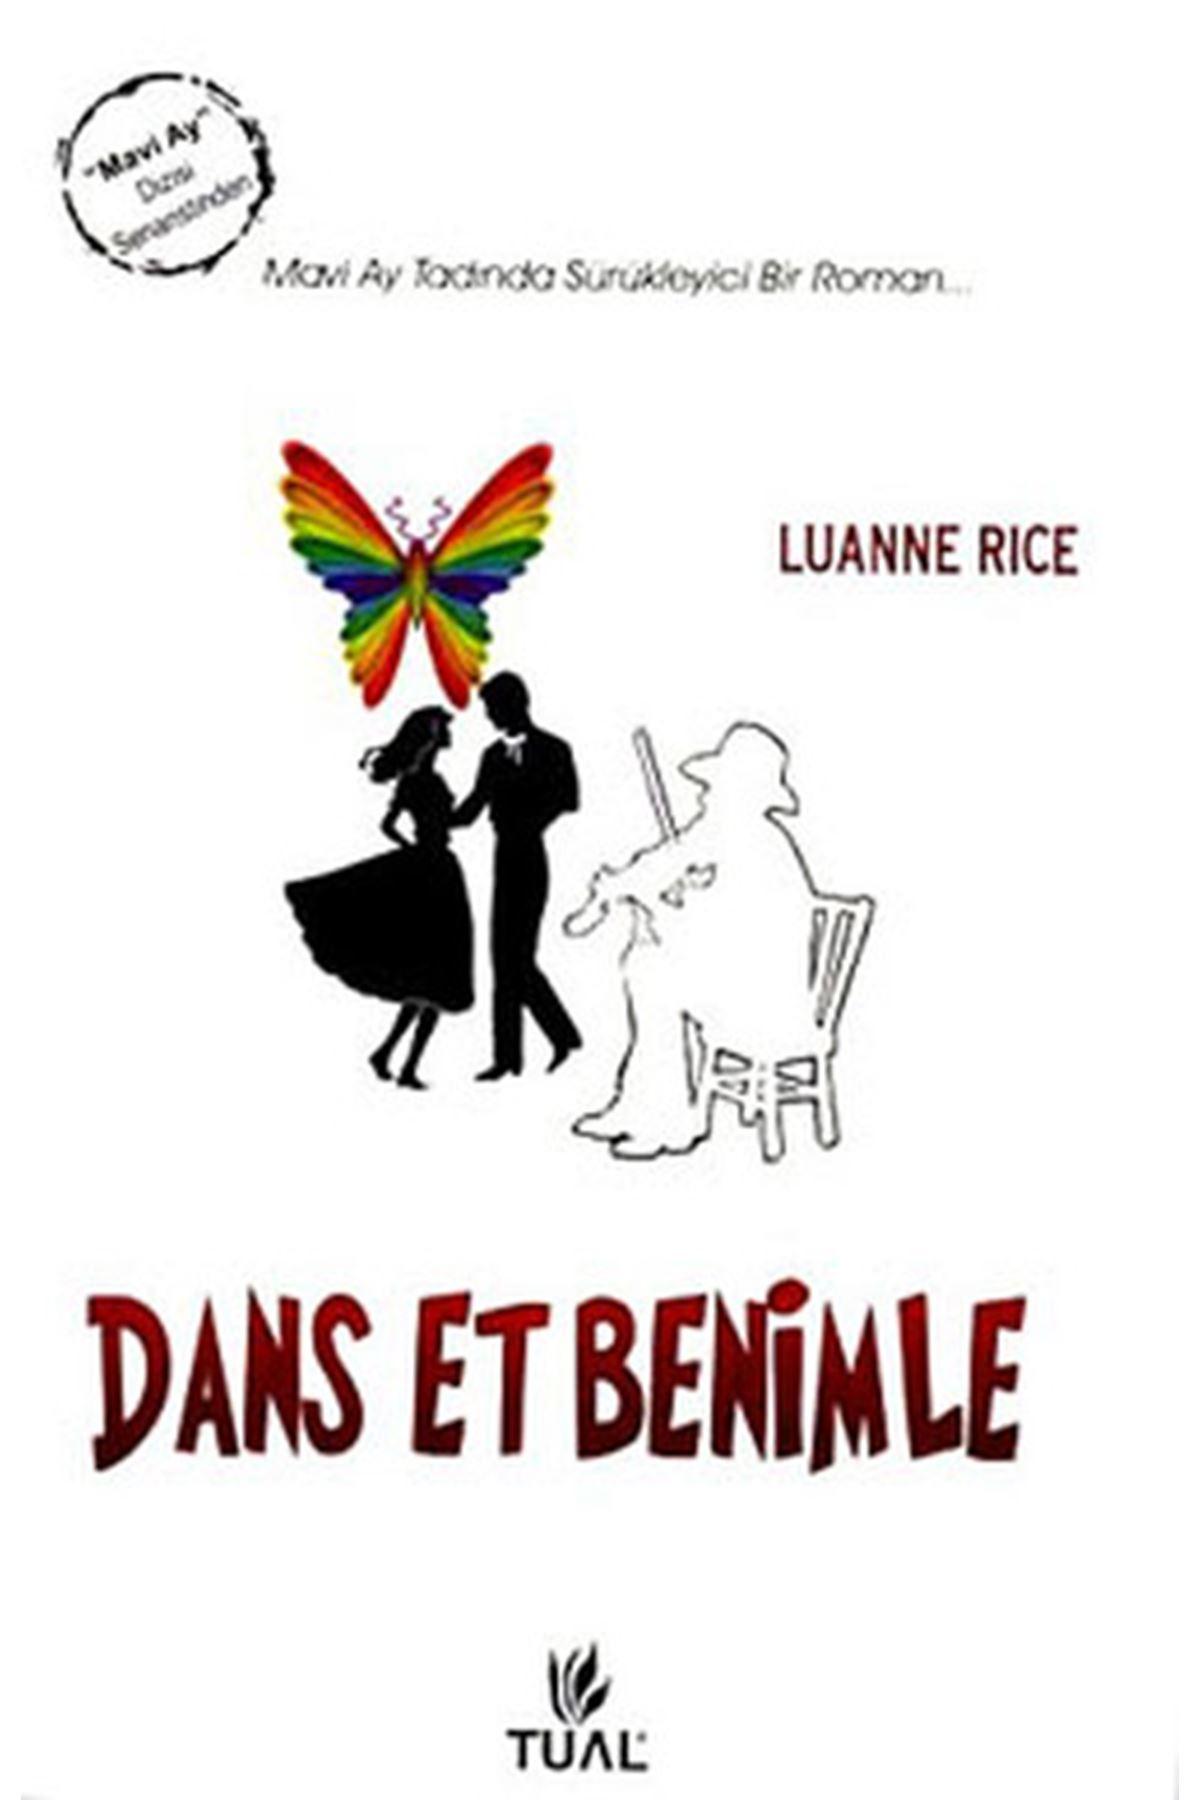 LUANNE RICE - DANS ETME BENİMLE